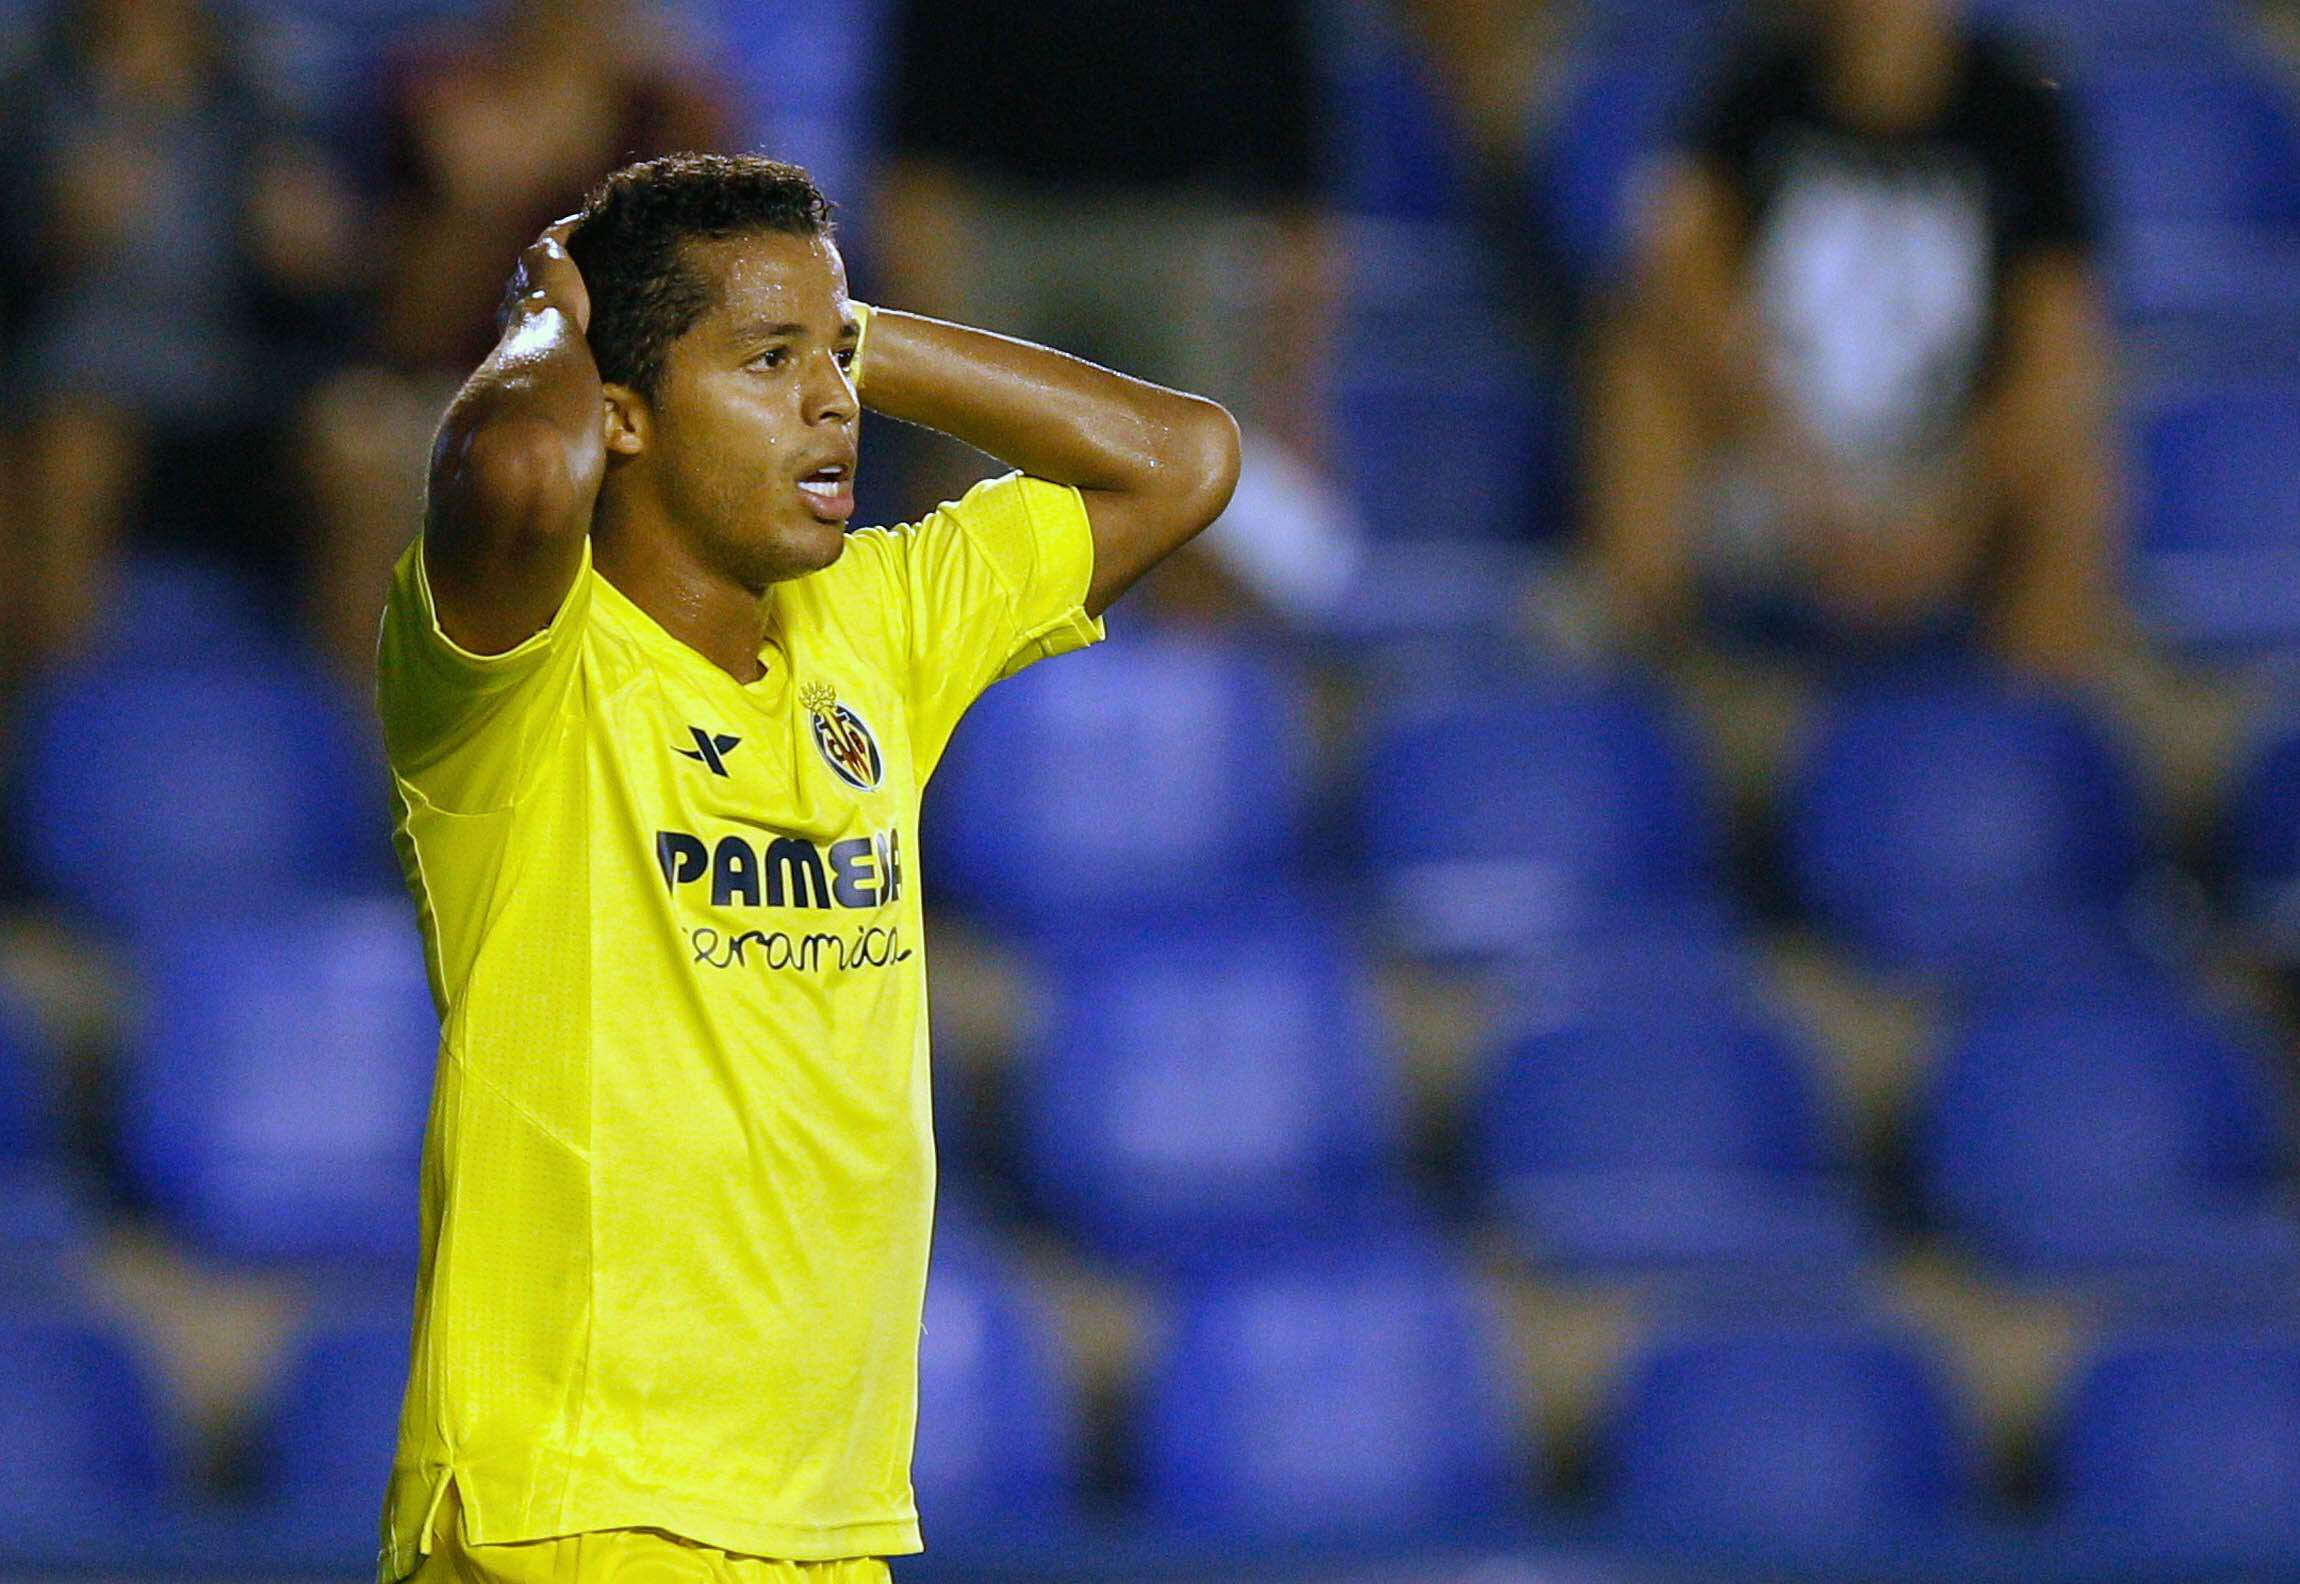 Giovani dos Santos estuvo en la banca en el partido ante Astana en la UEFA Europa League. Foto: EFE